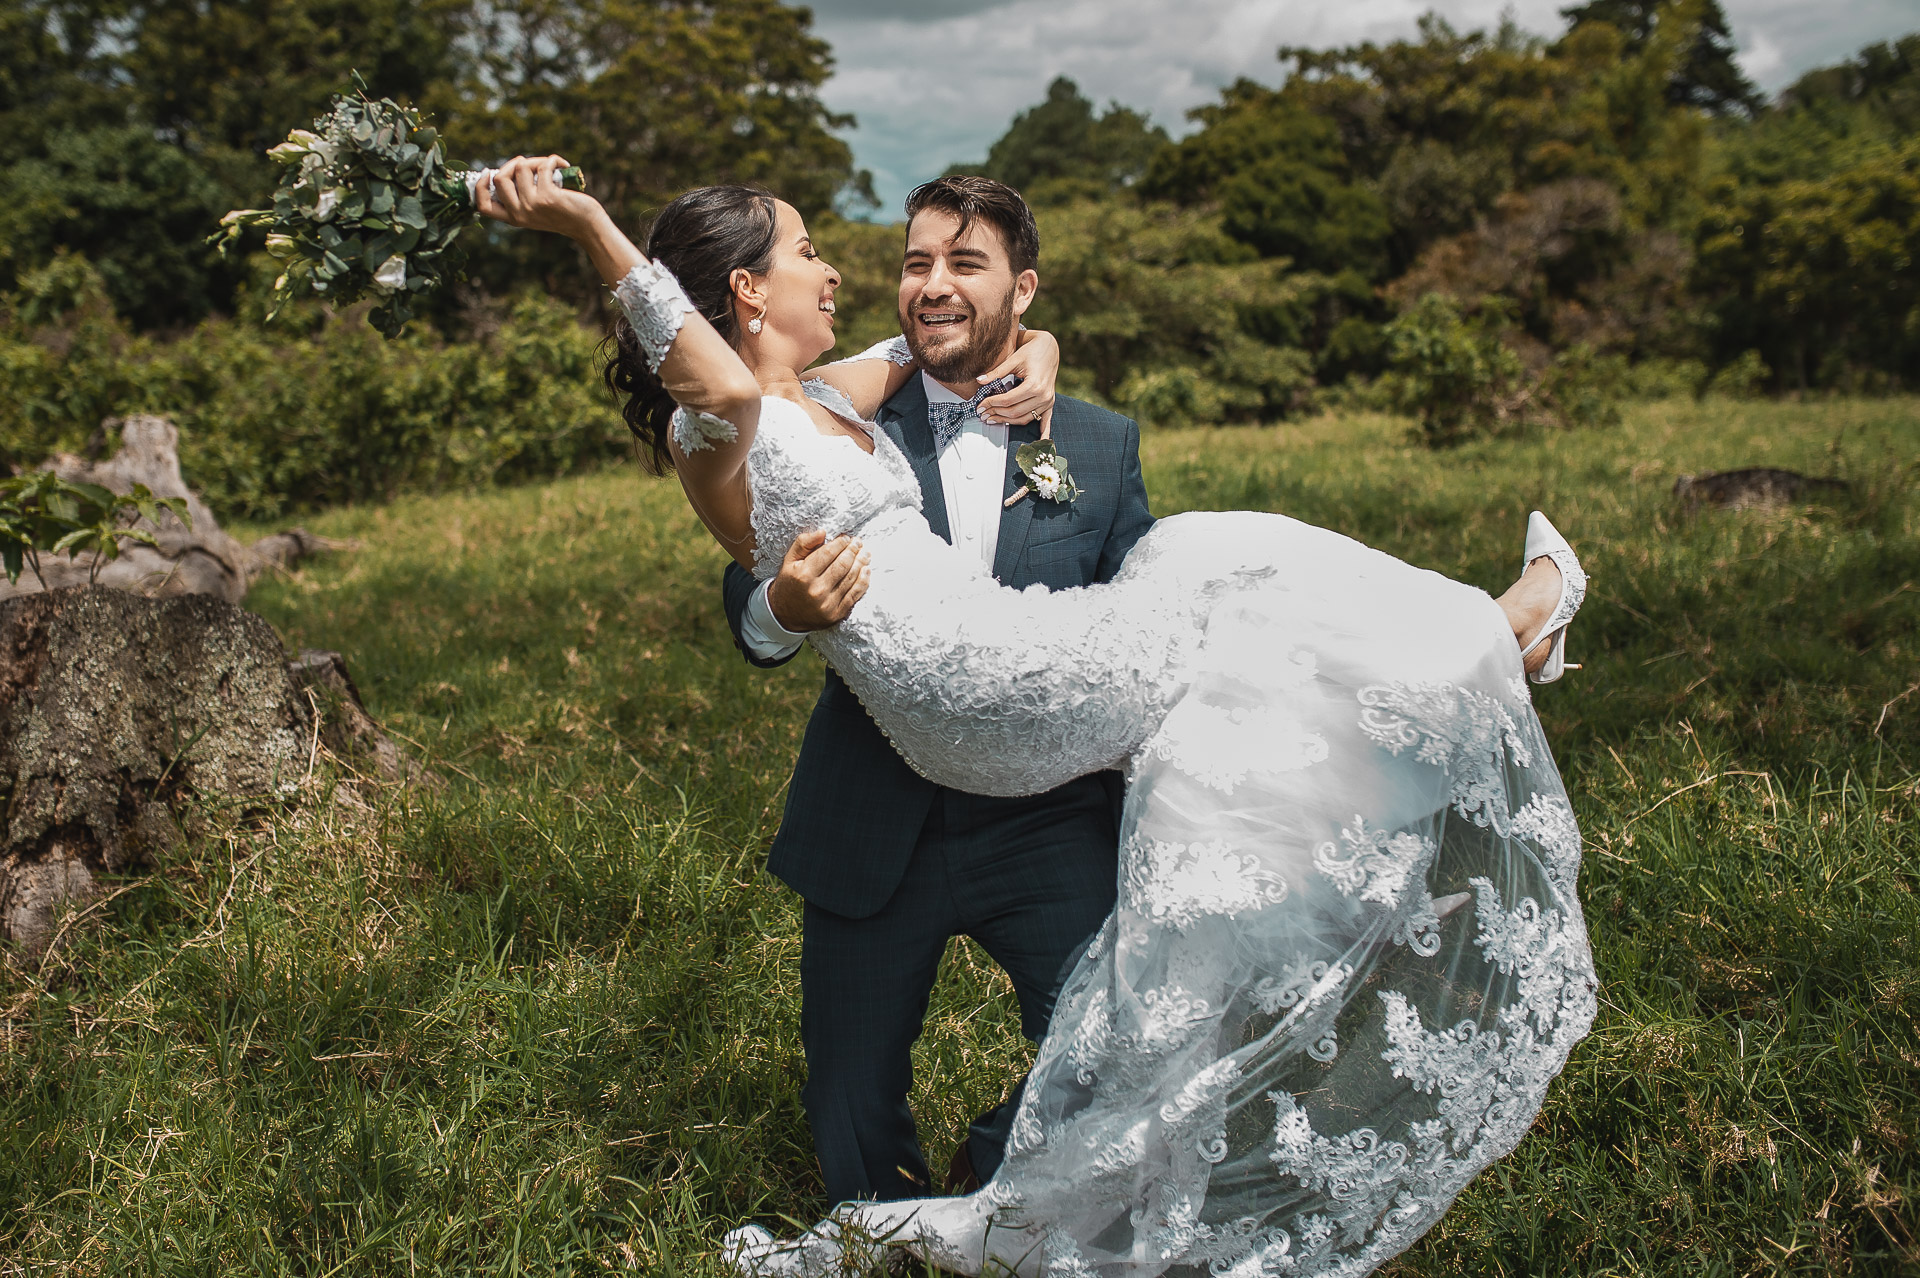 Portraits de couple de mariage de maison chic minable | un moment très heureux lors de leur séance portrait